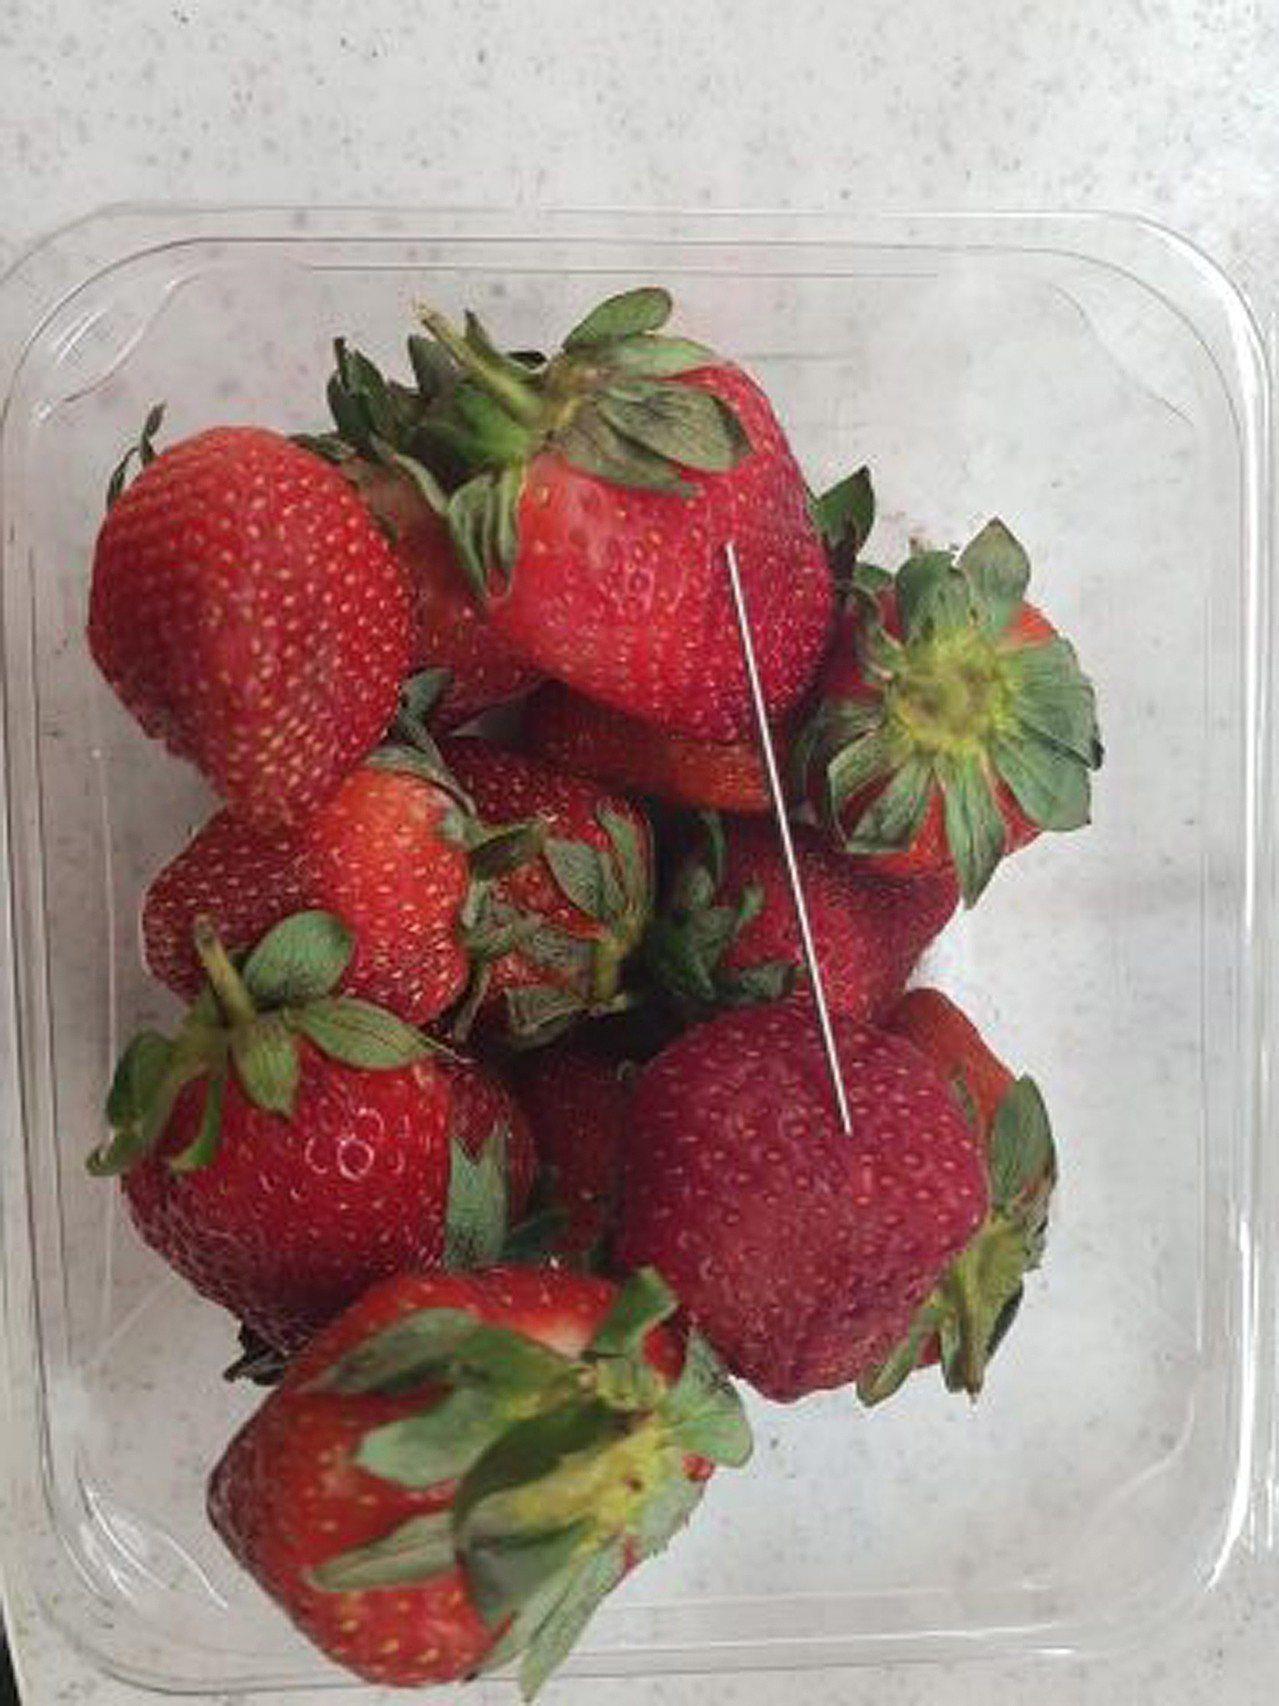 澳洲六個品牌的草莓遭人插針,昆士蘭政府懸賞10萬澳幣緝凶。歐新社